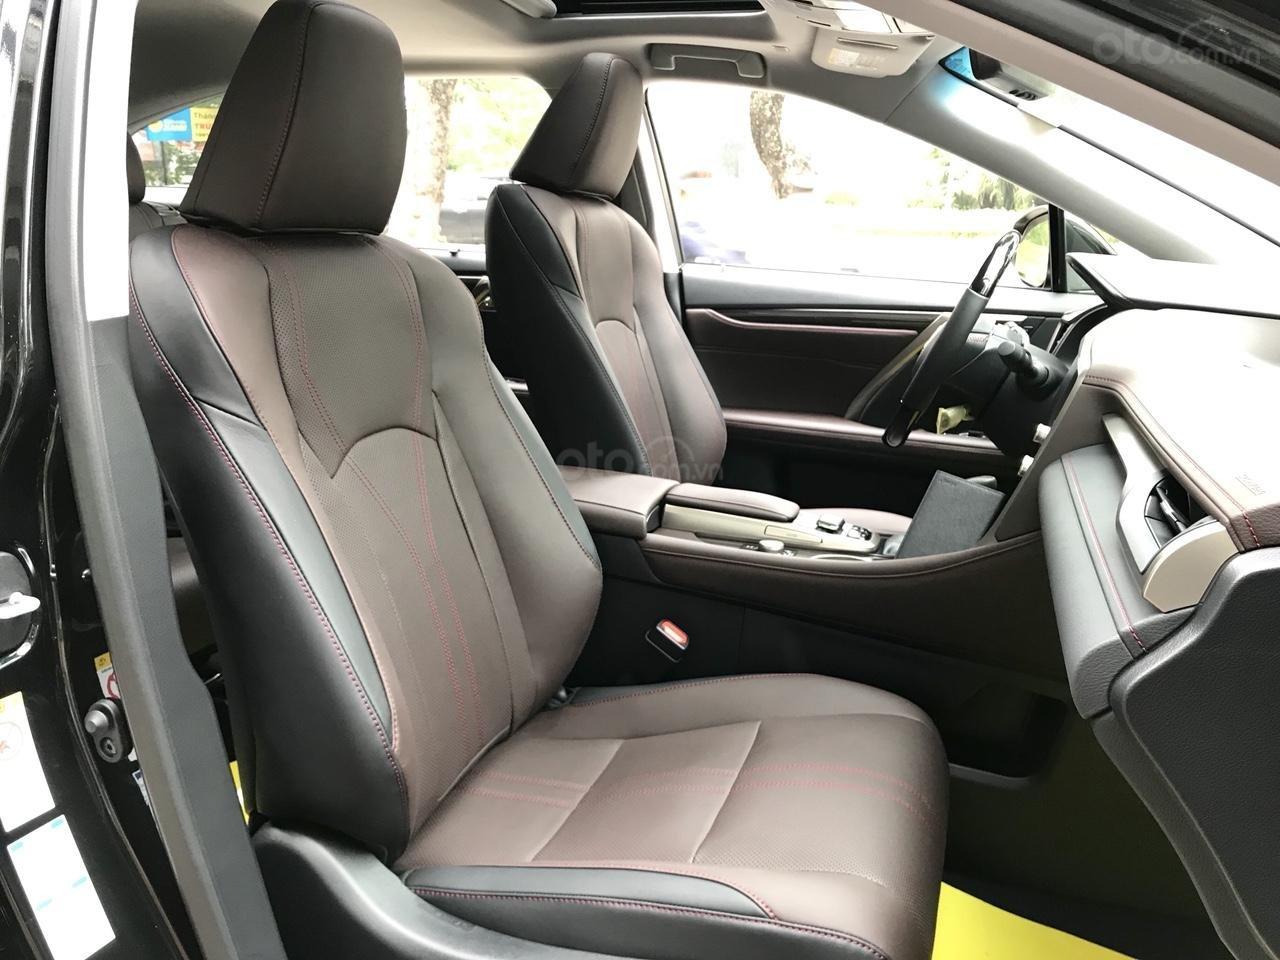 Bán Lexus RX R350L 2018, màu đen, 6 chỗ, nhập khẩu Mỹ - Mr Huân 0981.0101.61-16